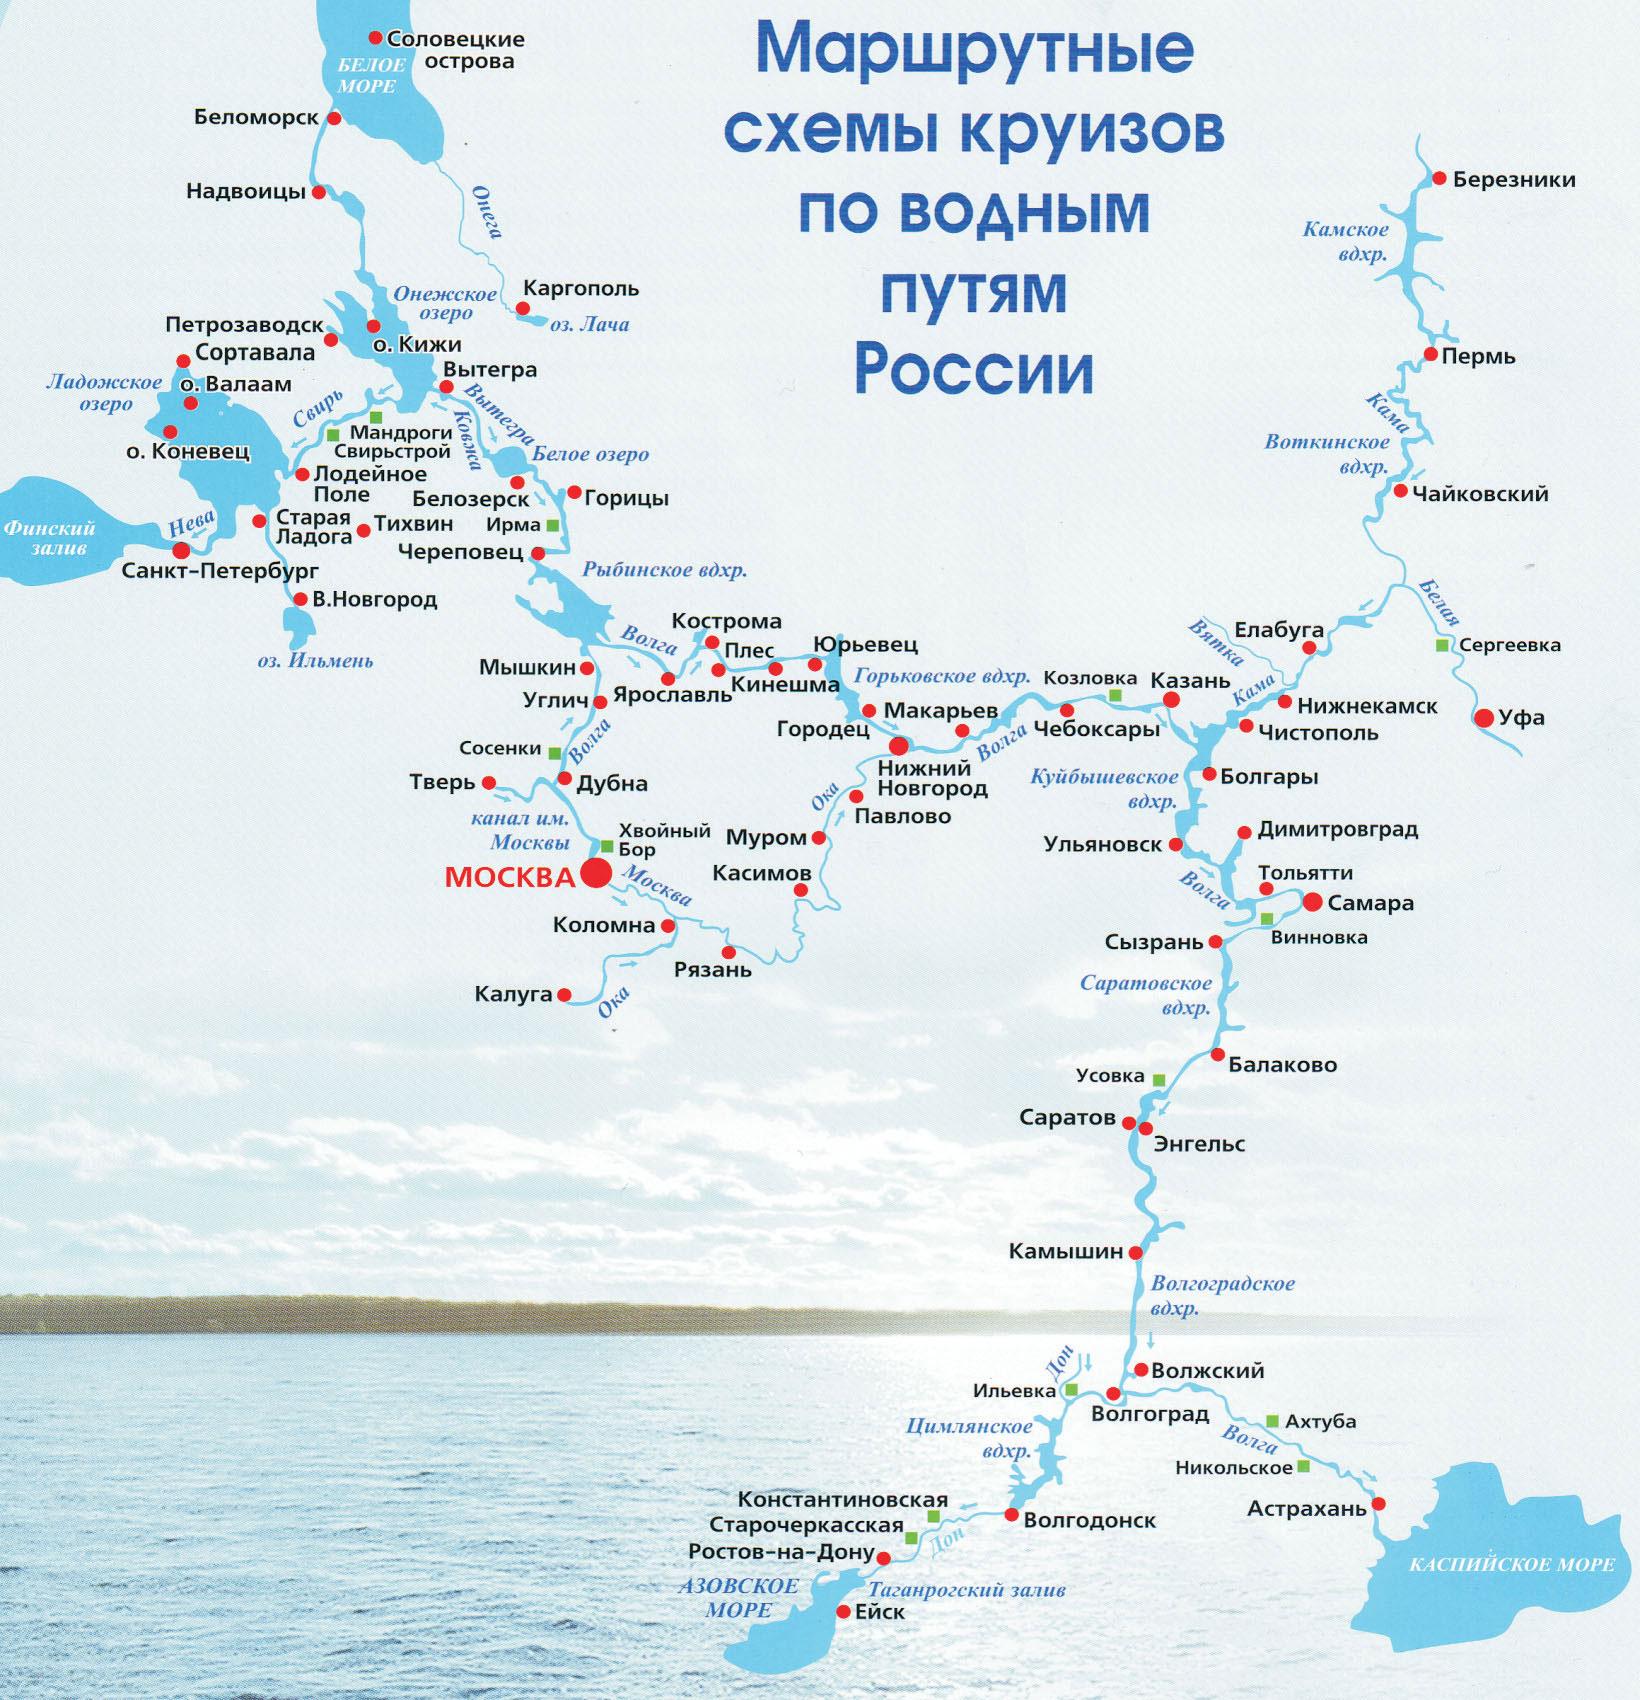 маршрутные схемы круизов по водным путям россии